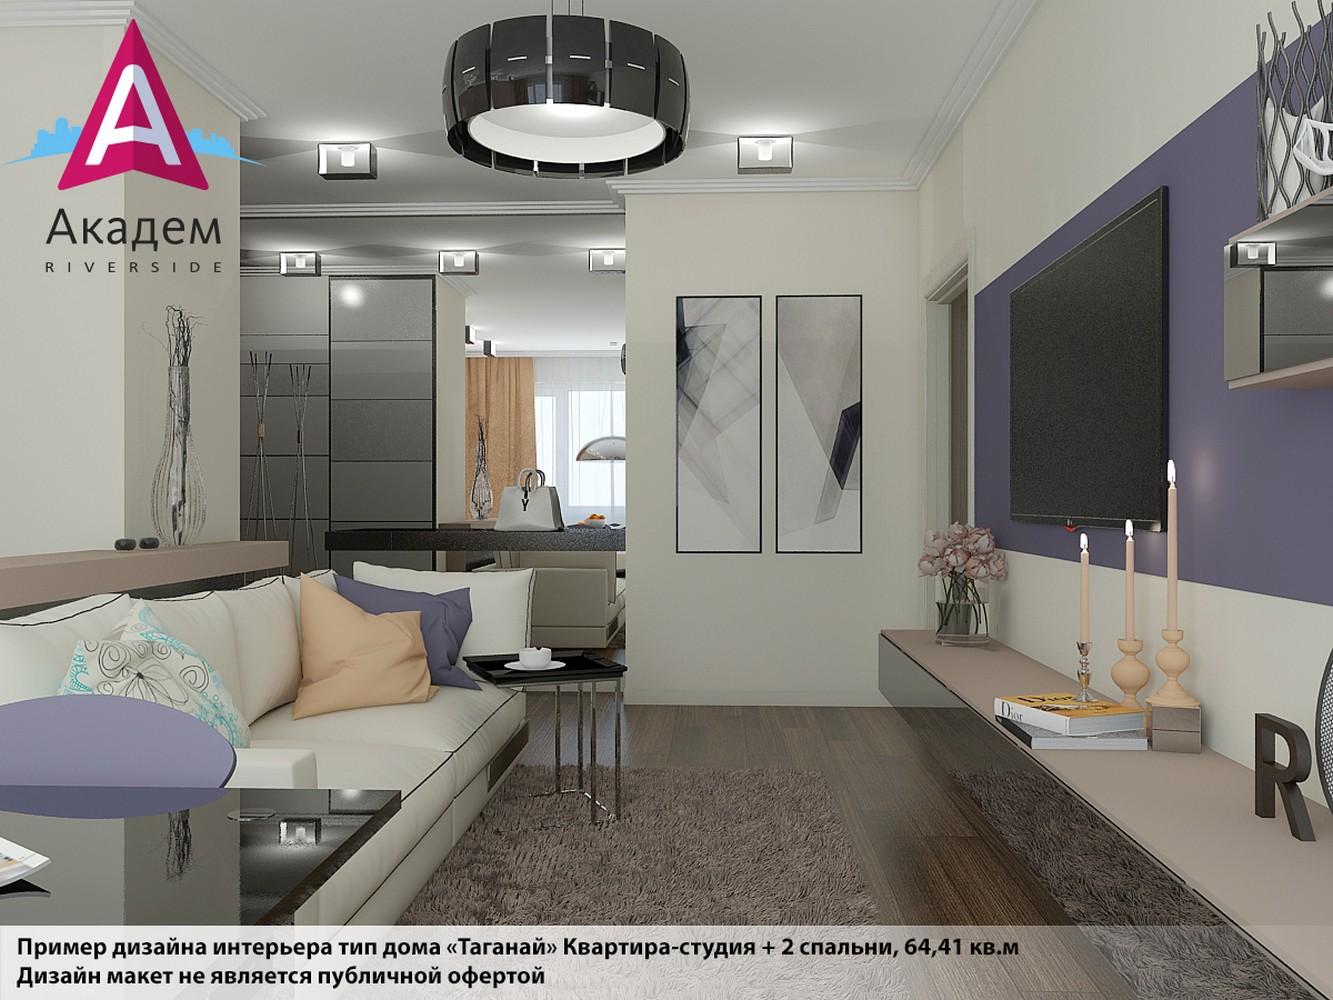 Студия плюс спальня дизайн